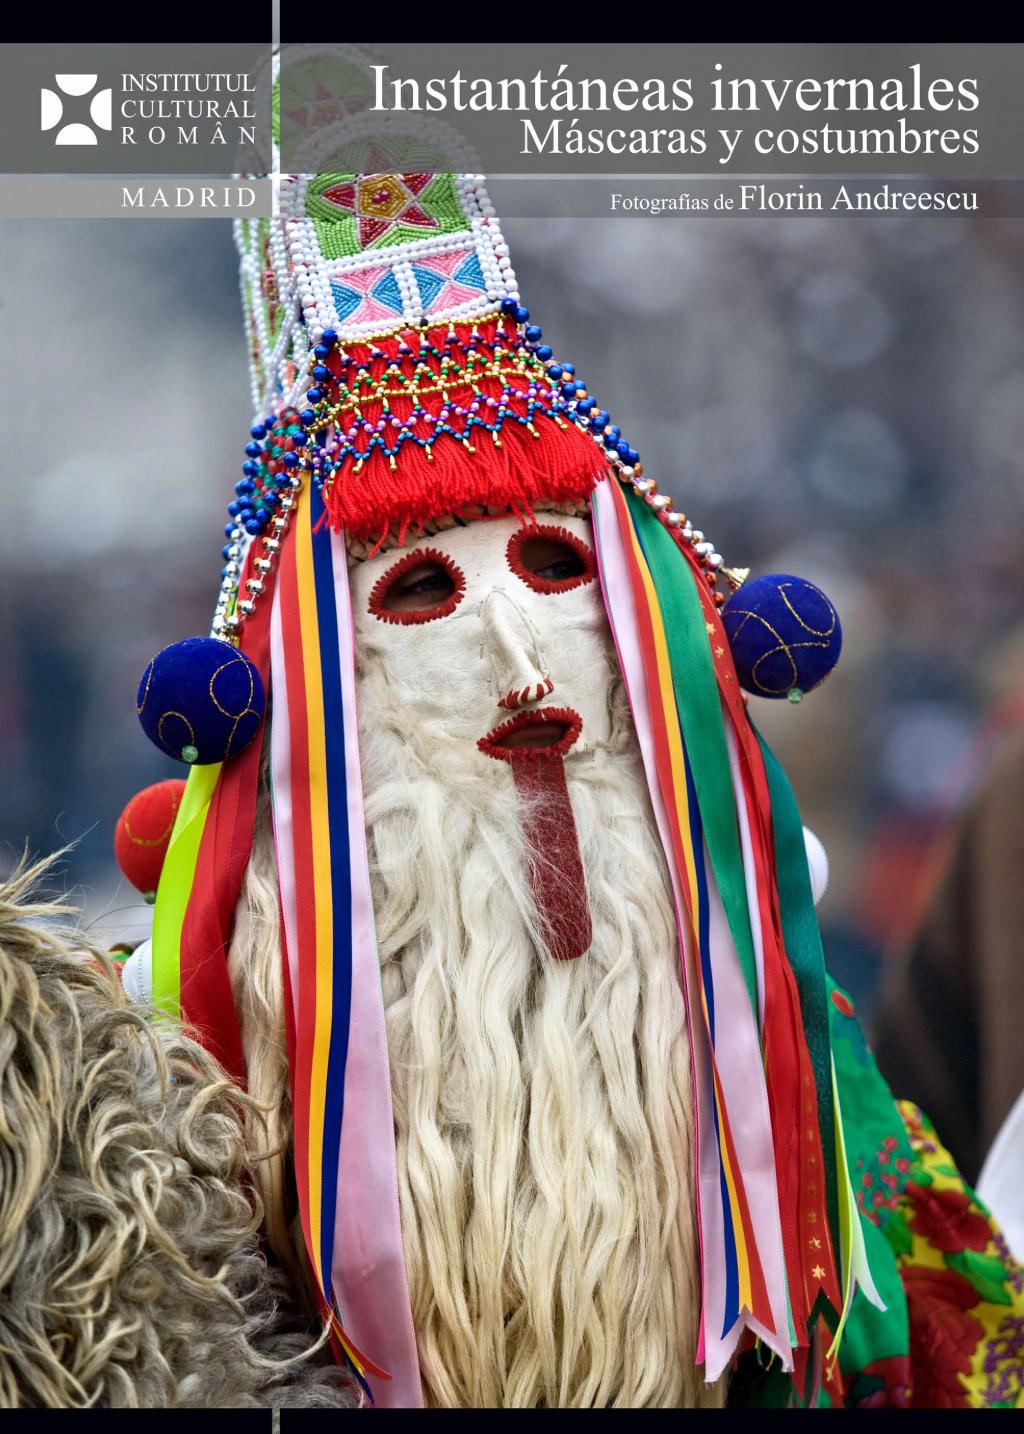 Instantáneas-invernales-Máscaras-y-costumbres-Fotografías-de-Florin-Andreescu-1